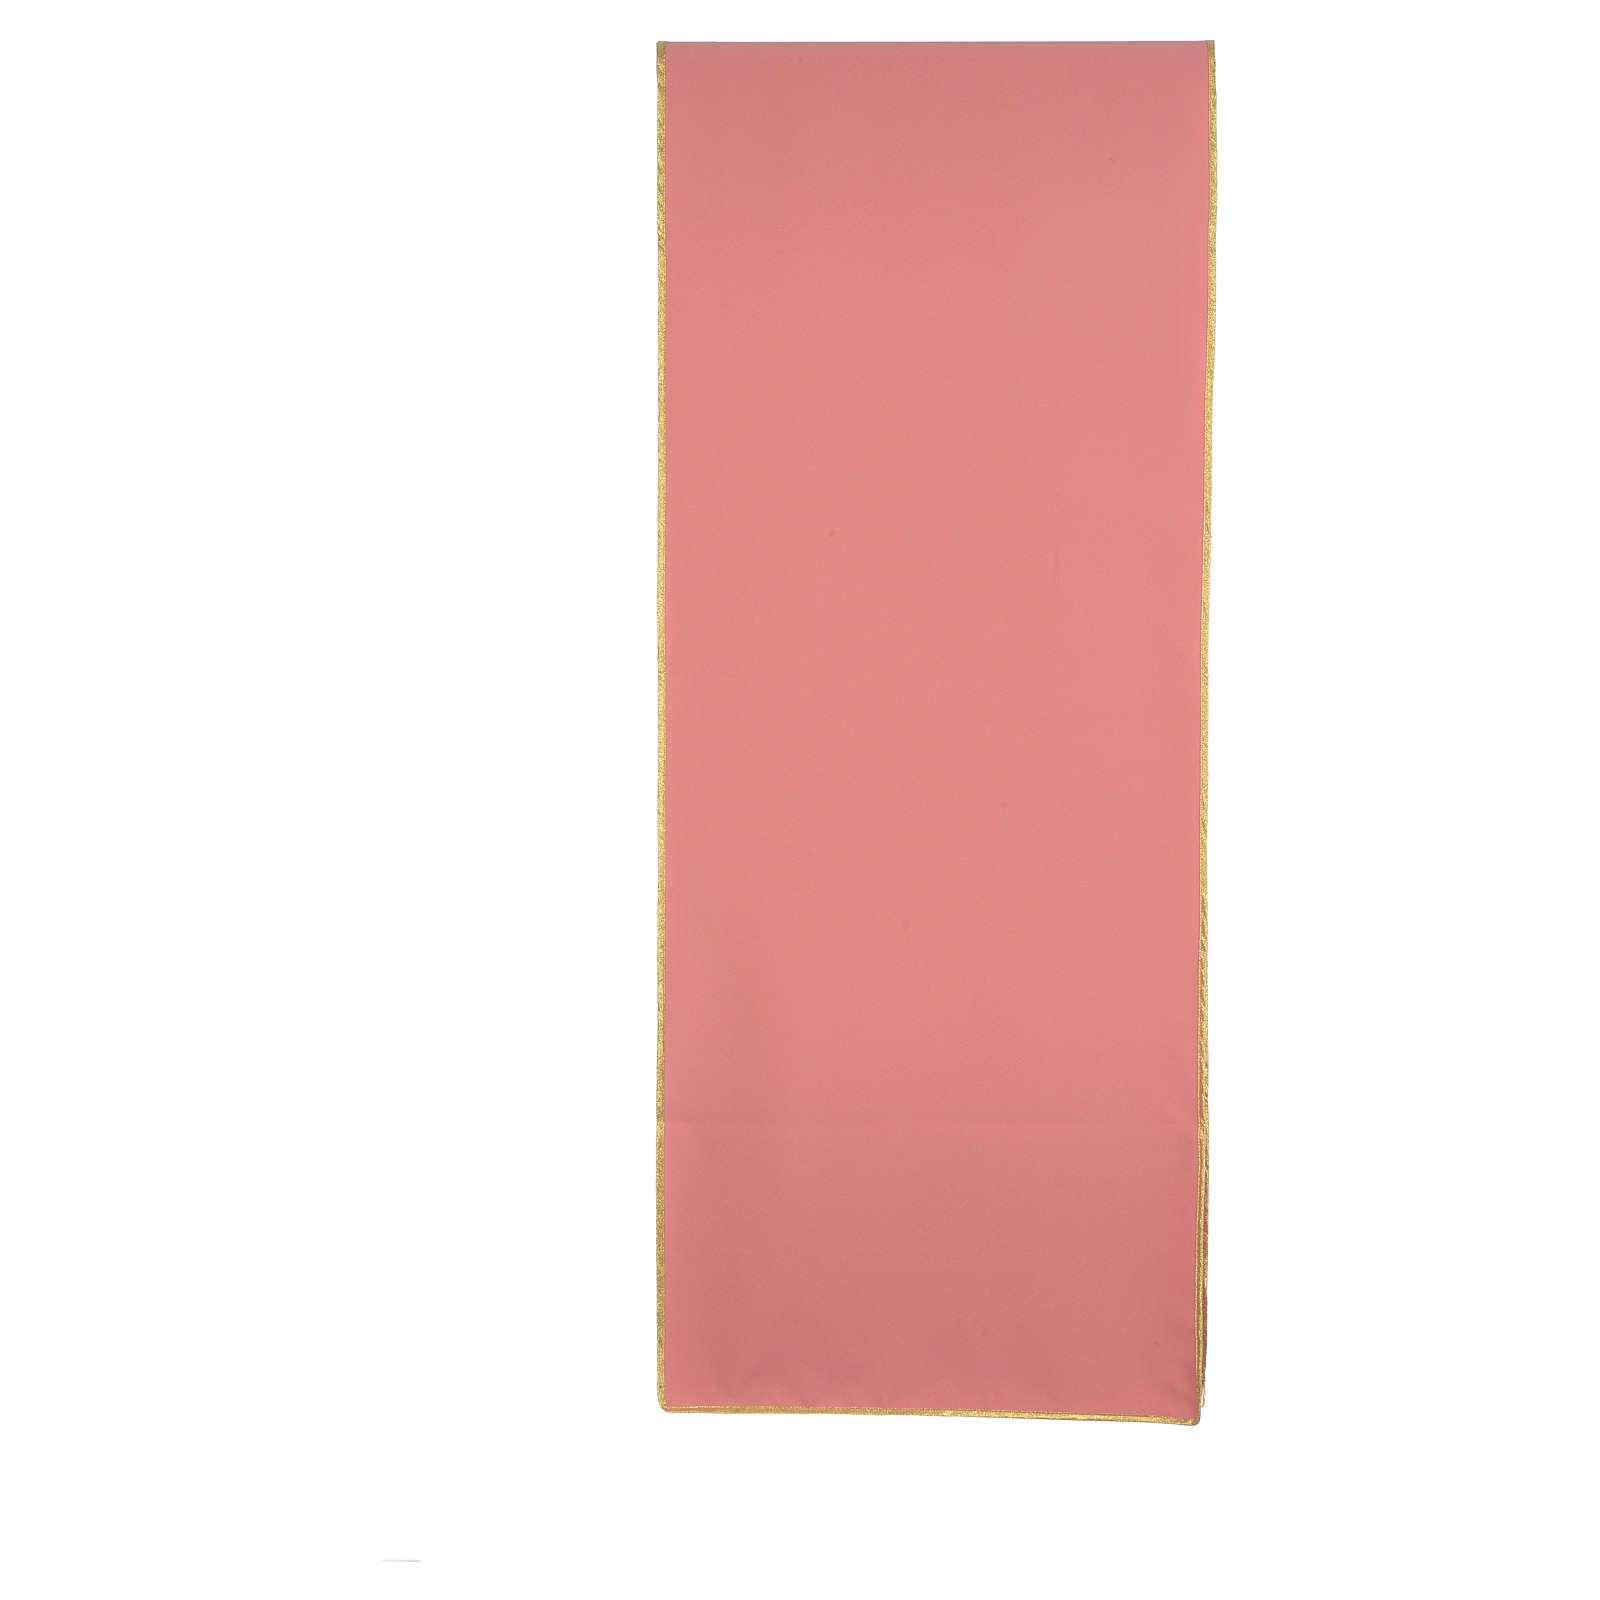 Coprileggio rosa 100% poliestere croce stilizzata IHS XP alfa omega 4